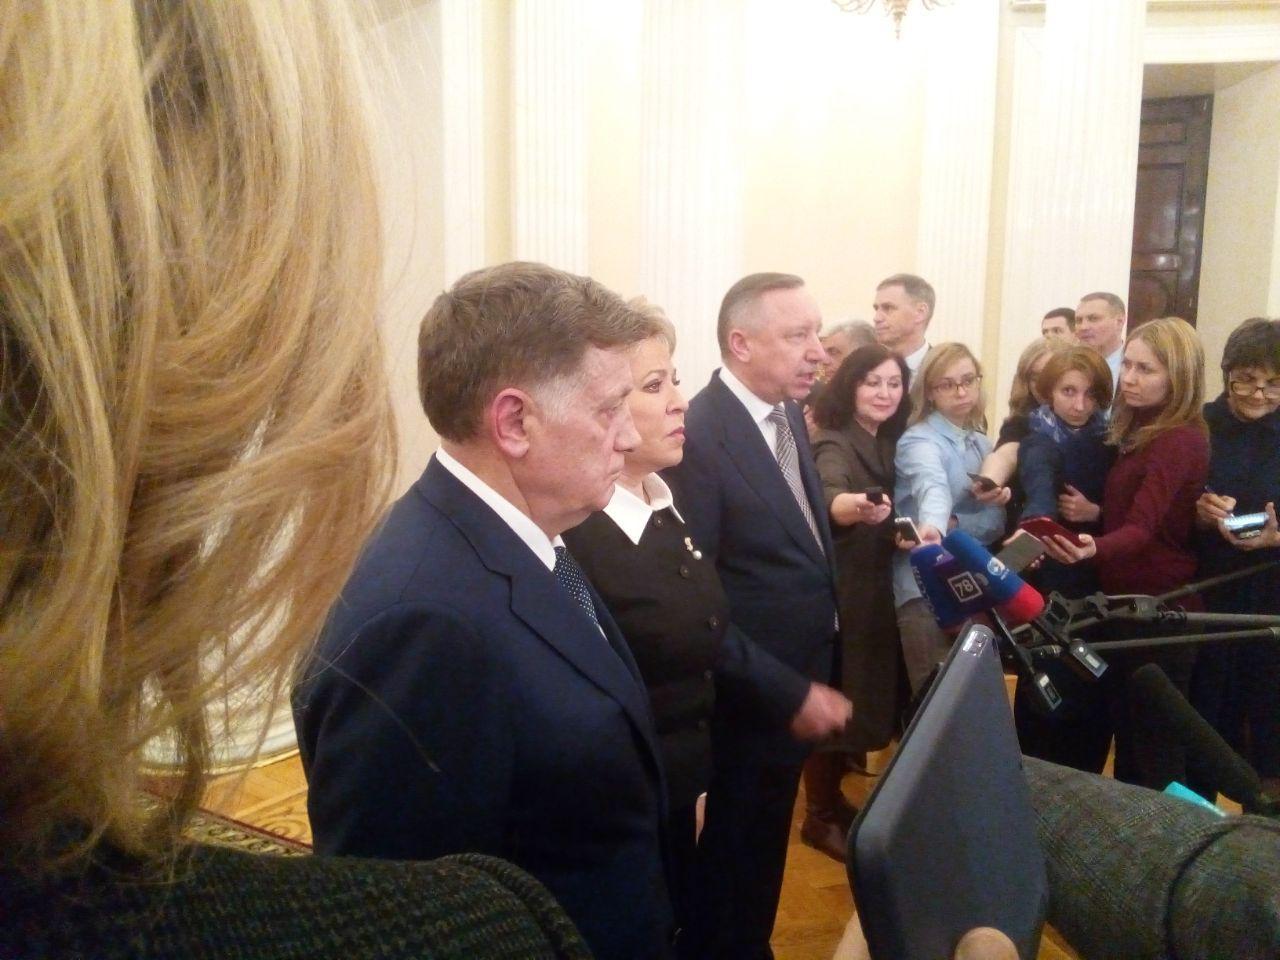 Беглов подошел к прессе после заседания ЗакСа, но вопросов ему не задали